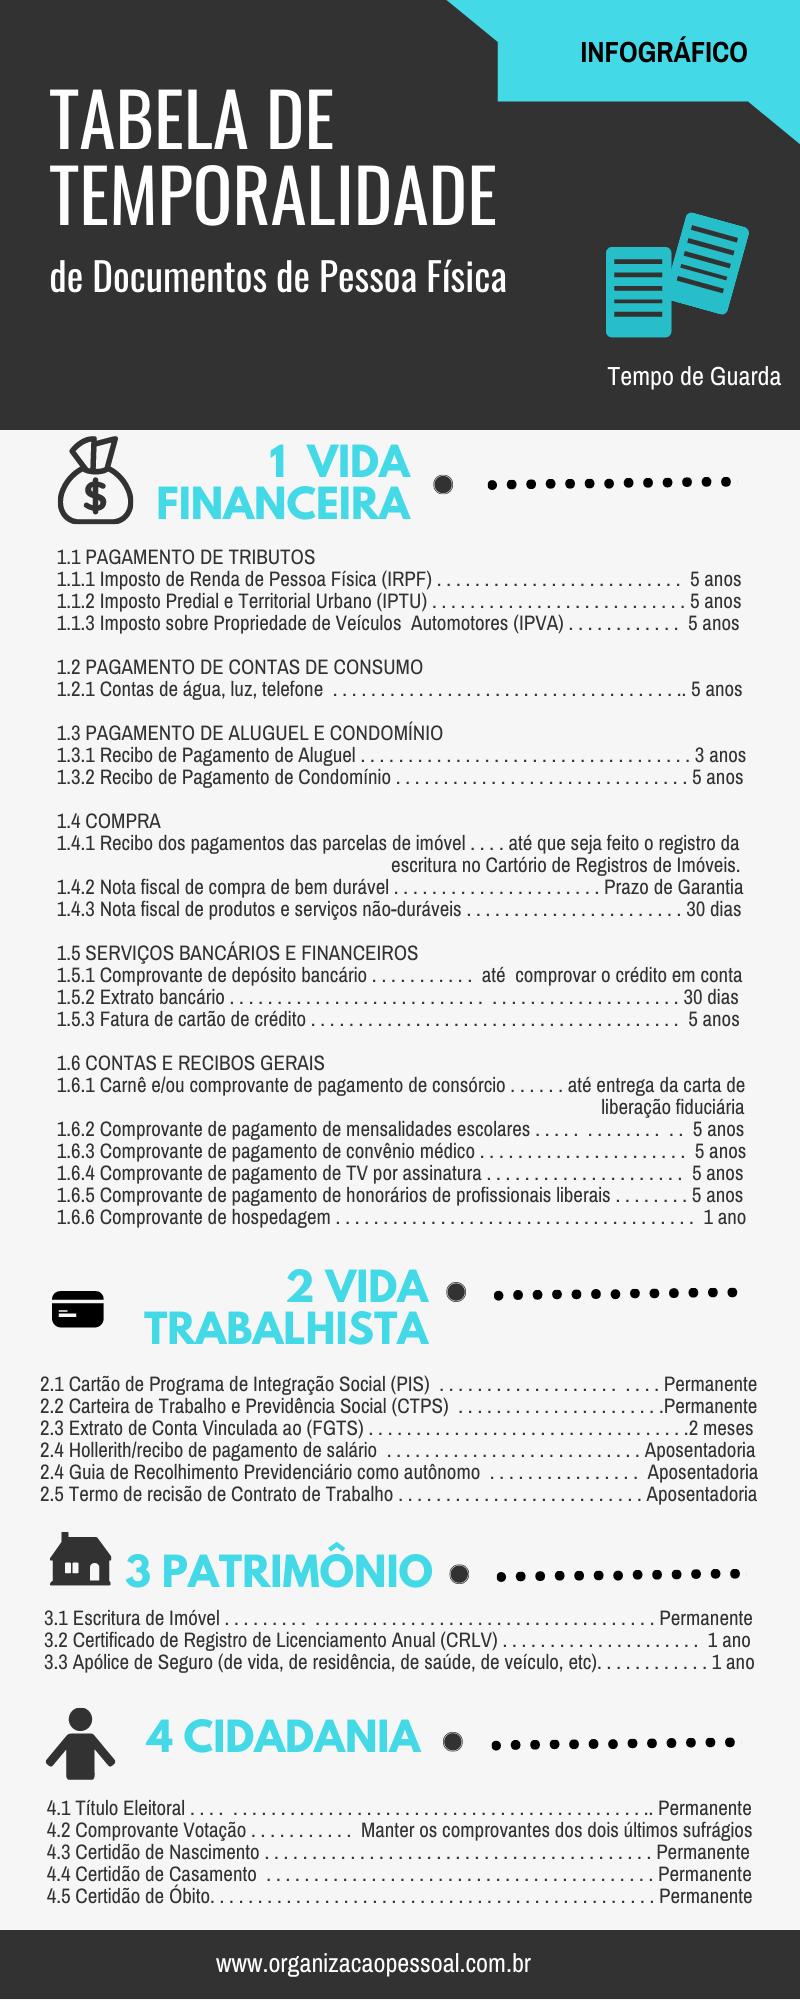 Infográfico - Tabela de Temporalidade de Documentos de Pessoa Física